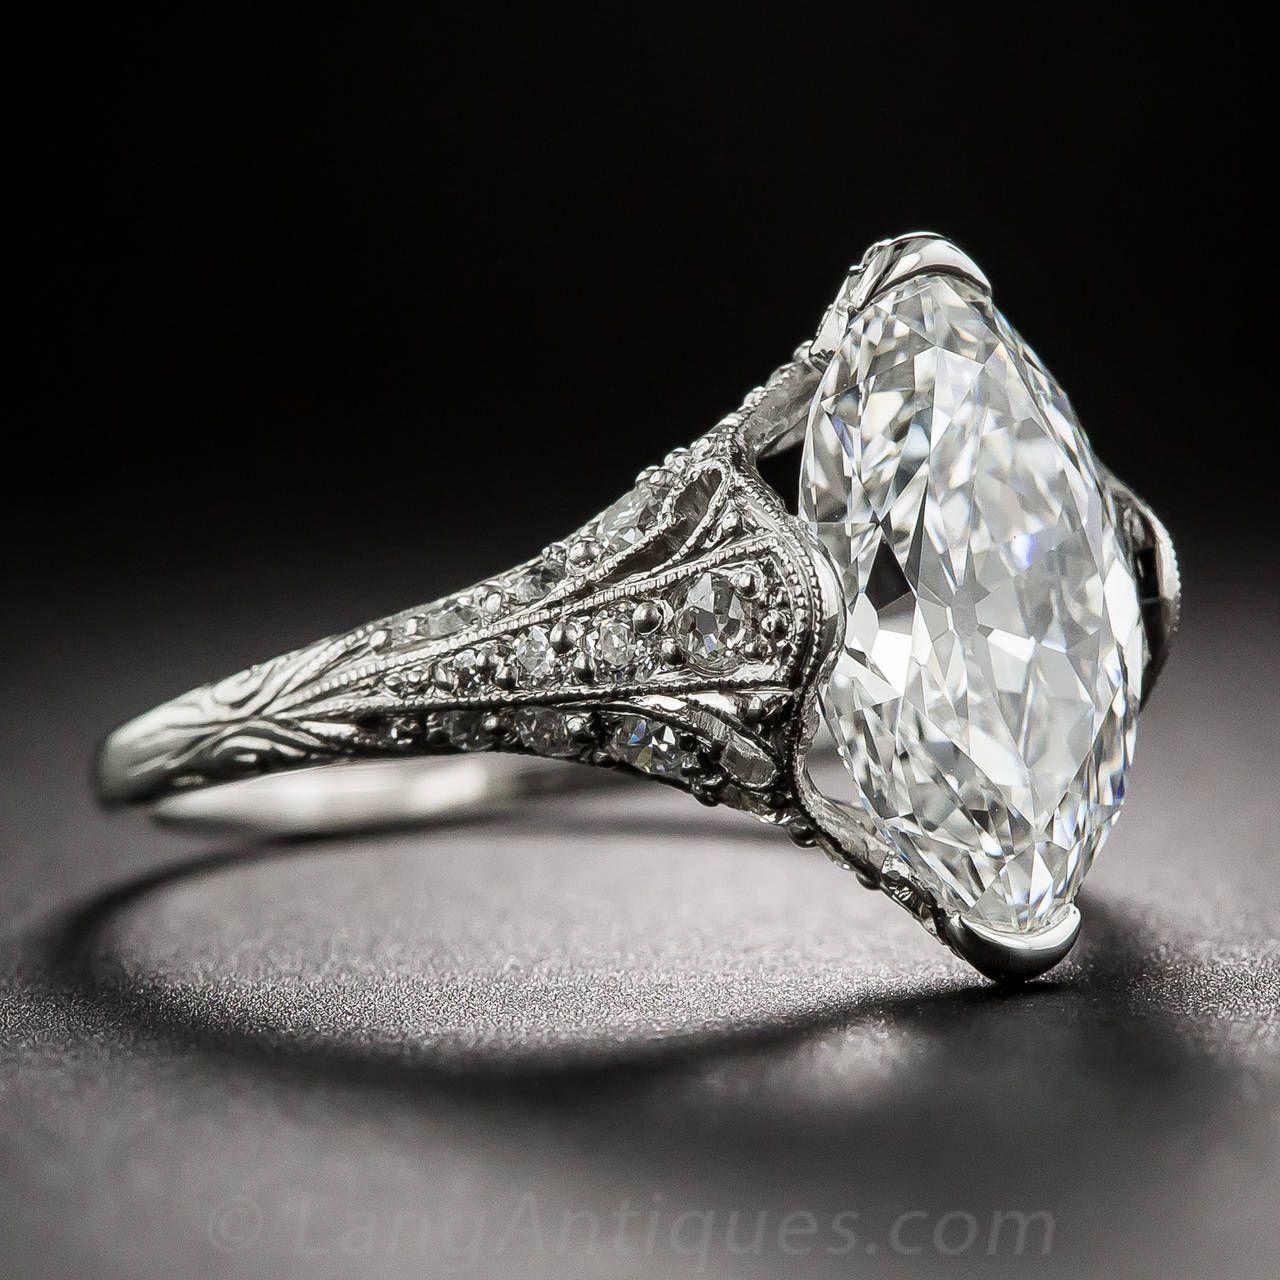 Tiffany & Co. Edwardian 3.14 Carat Marquise Diamond